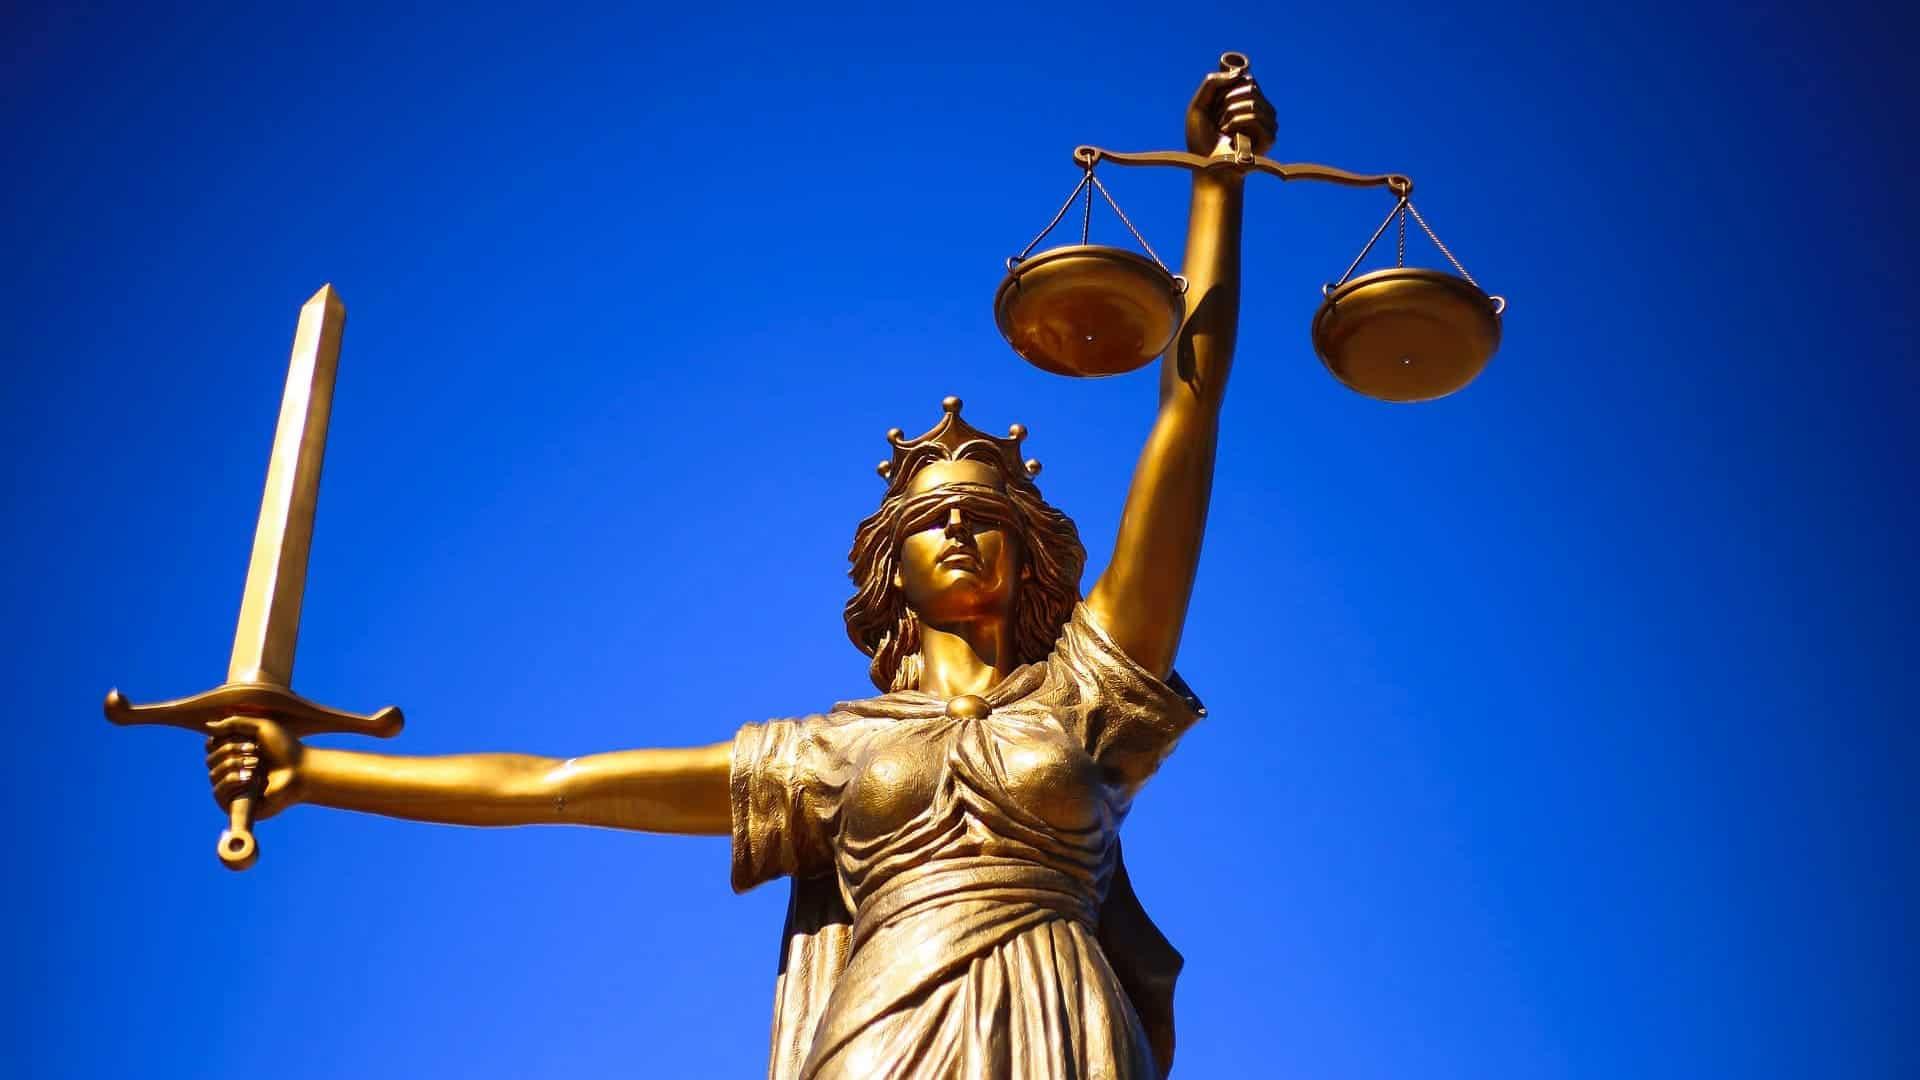 Justitia mit Wage und Halterhaftung